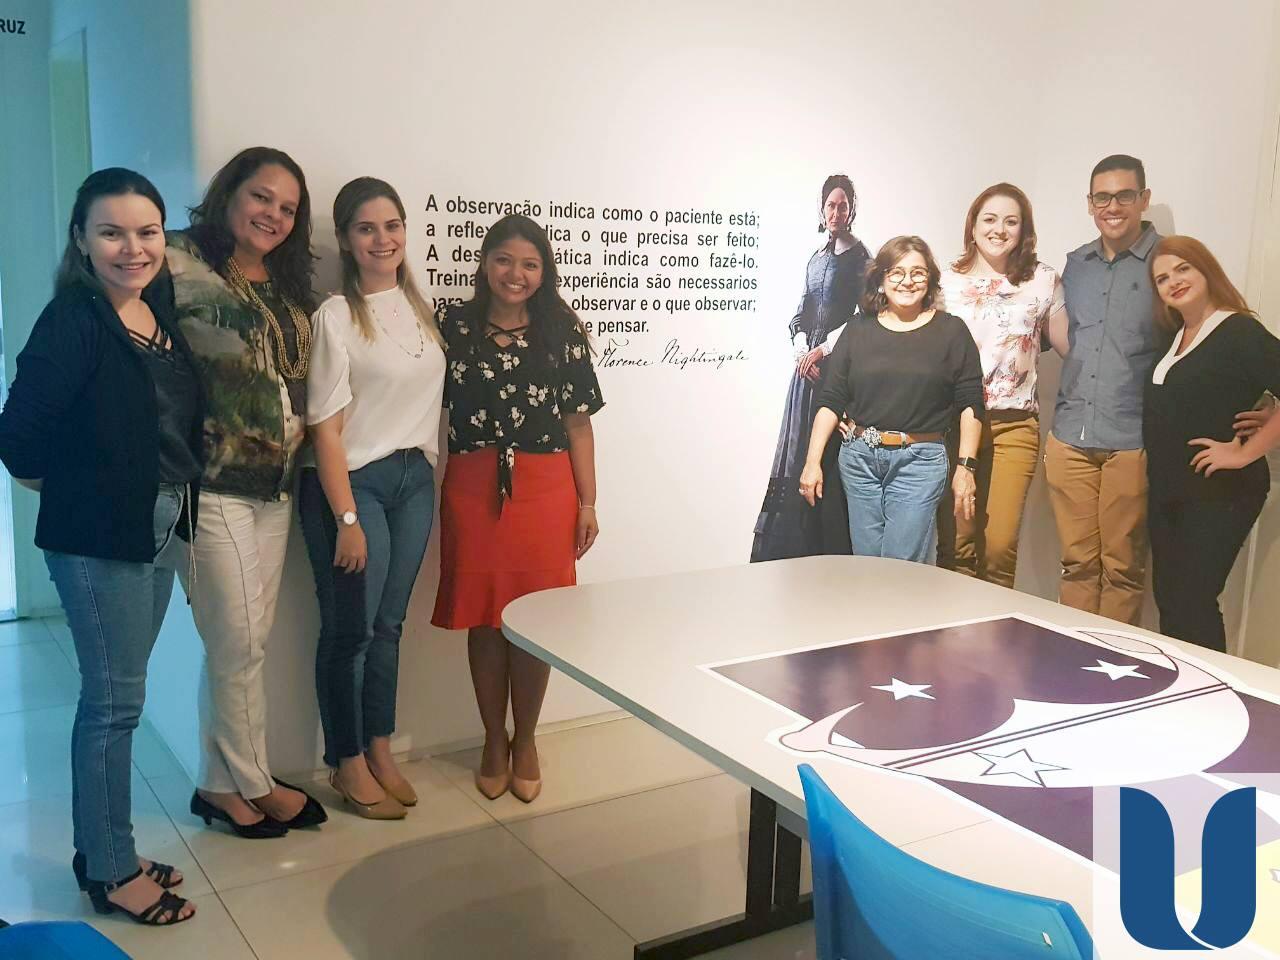 Parceria entre Unichristus e Associação Brasileira de Enfermagem (Aben)